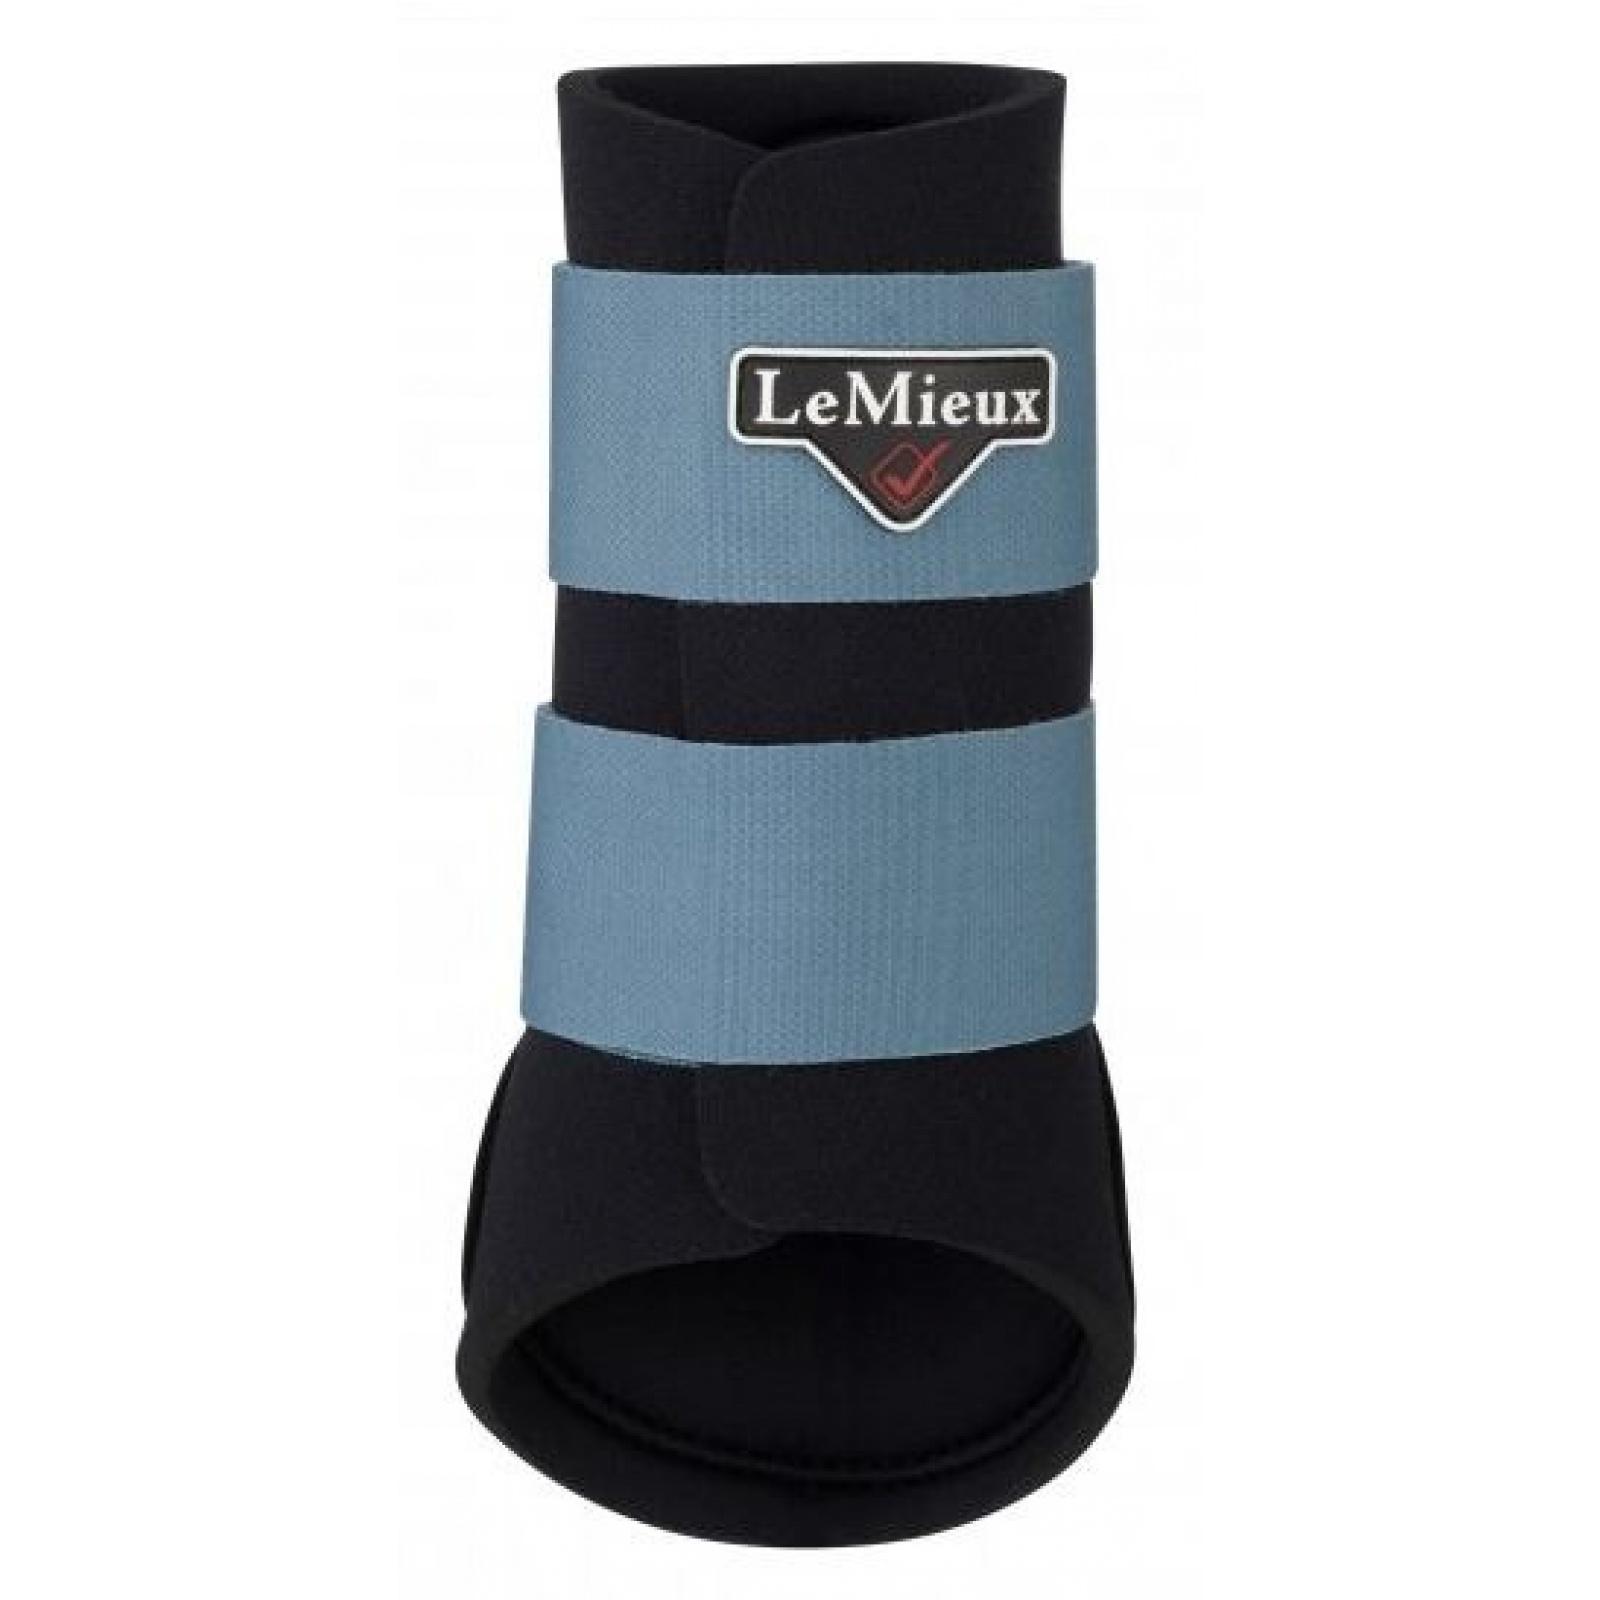 LEMIEUX-PROSPORT-Grafter-Brossage-Bottes-Leger-Protection miniature 27